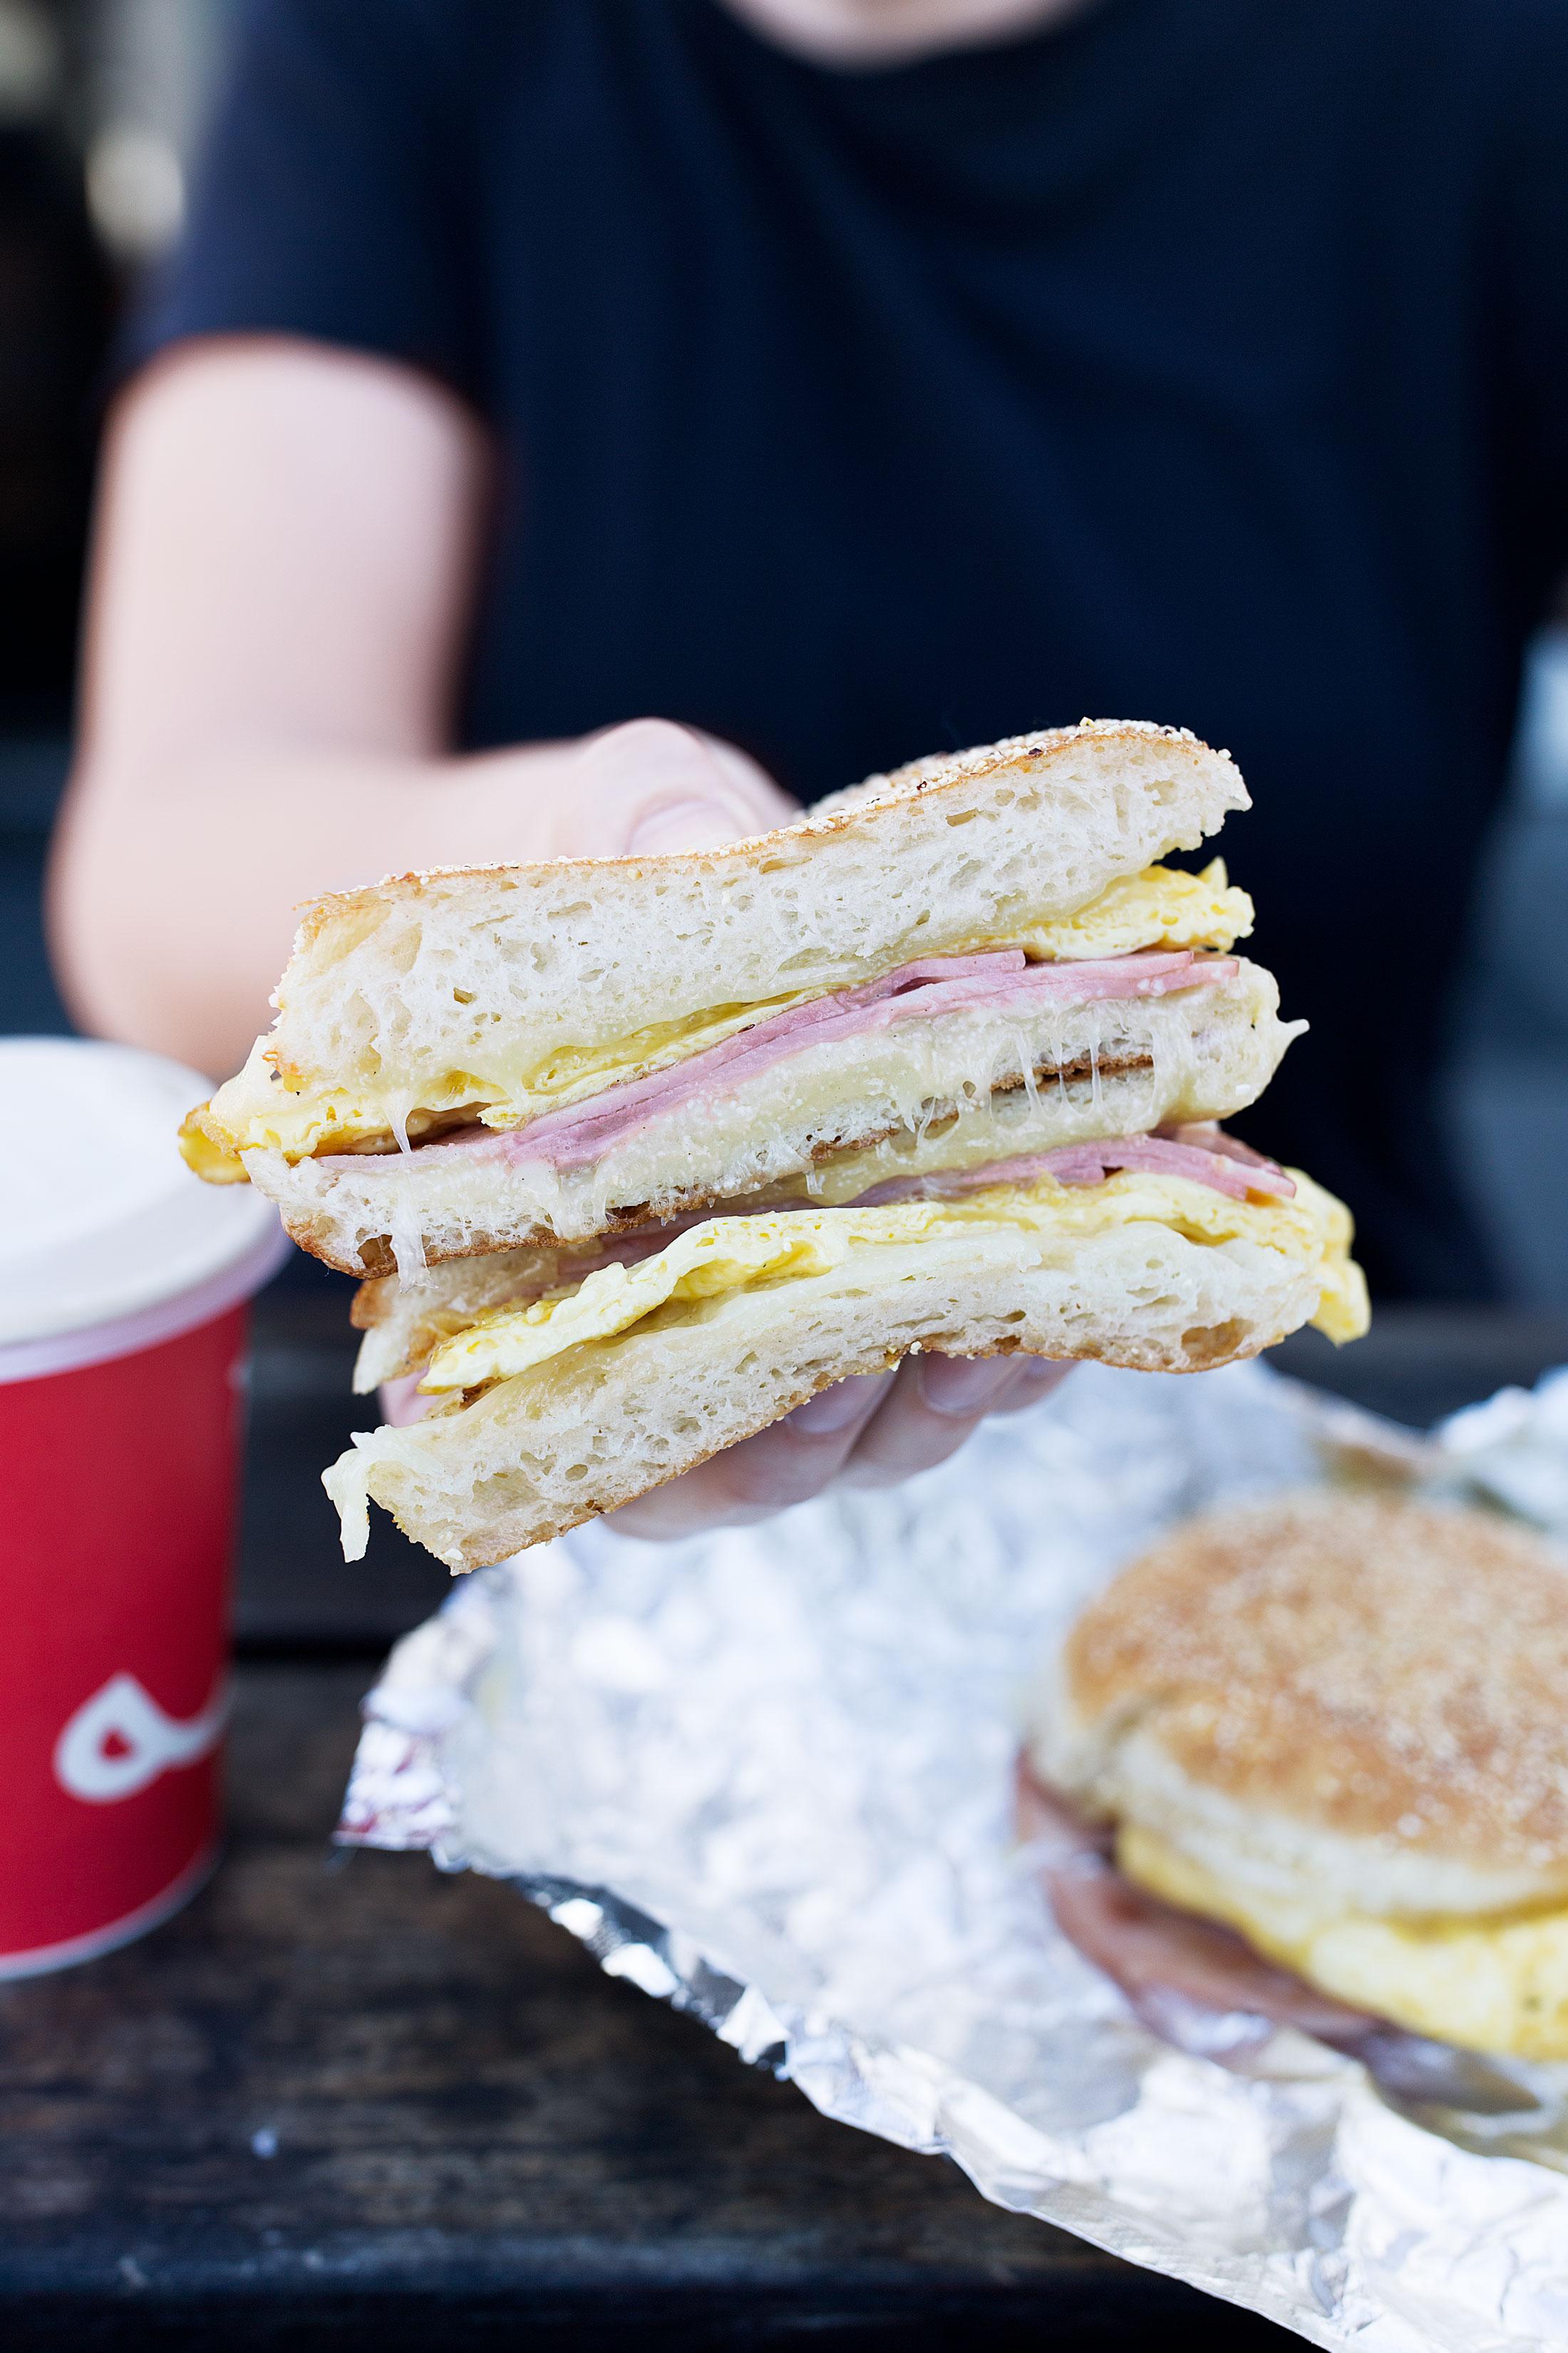 Model-Bakery-Breakfast-Sandwich-Napa-Valley.jpg